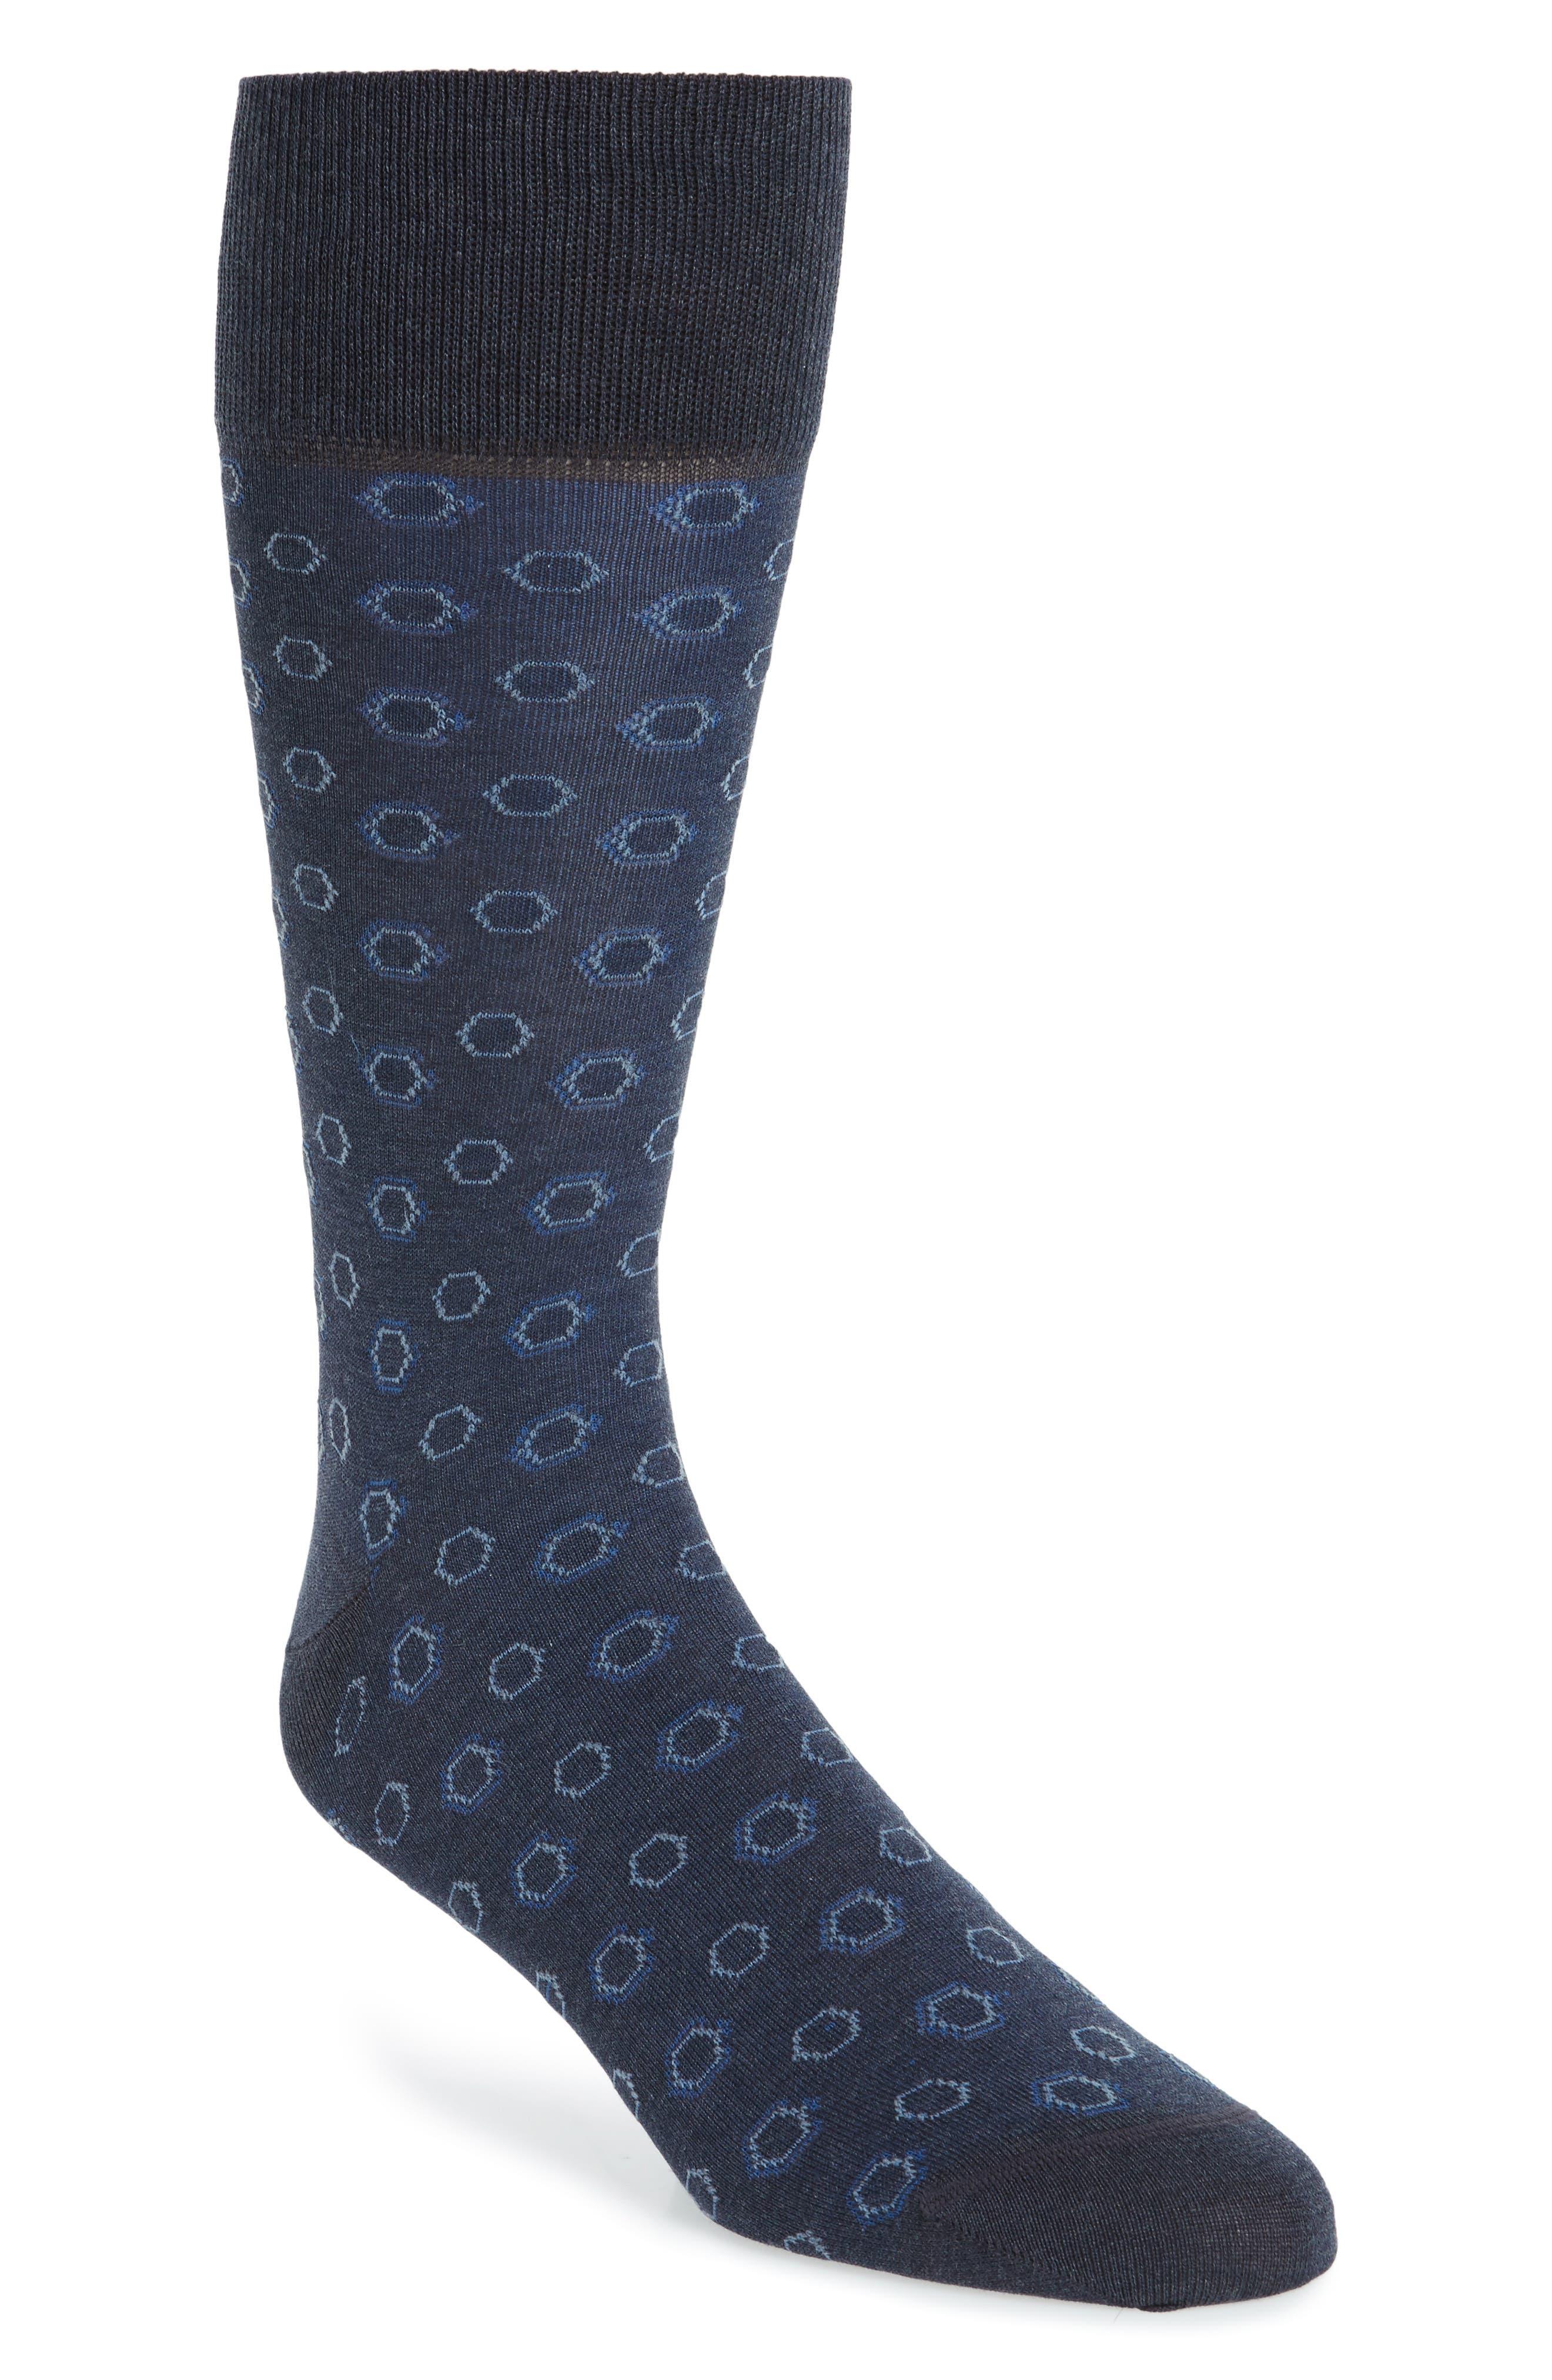 Alternate Image 1 Selected - John W. Nordstrom® Hexagon Socks